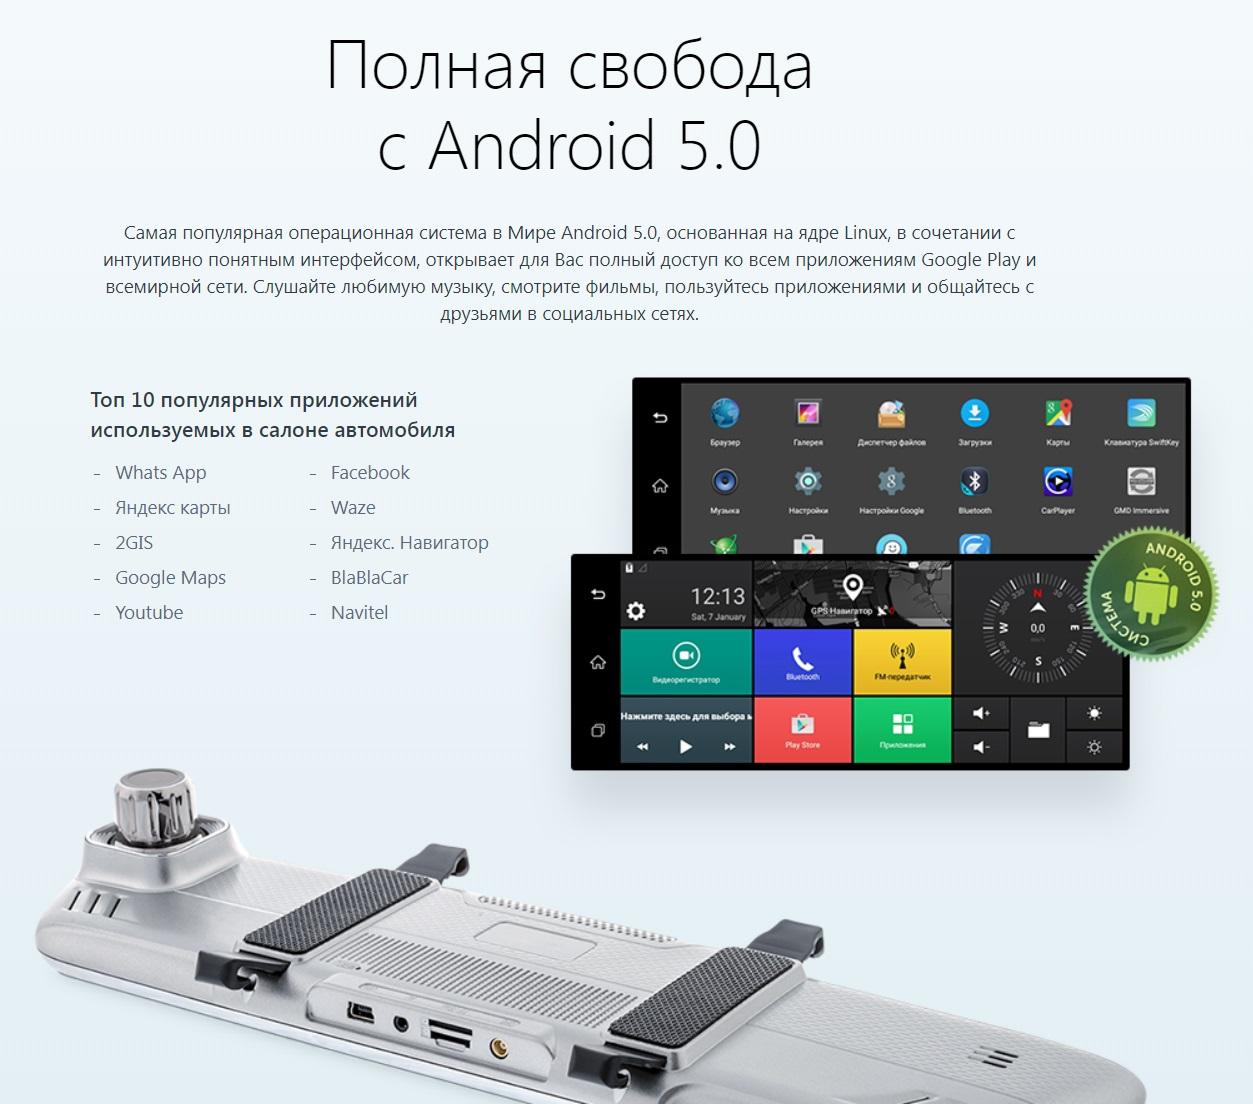 Полная свобода в Fujicar FC8 вместе с Андроид